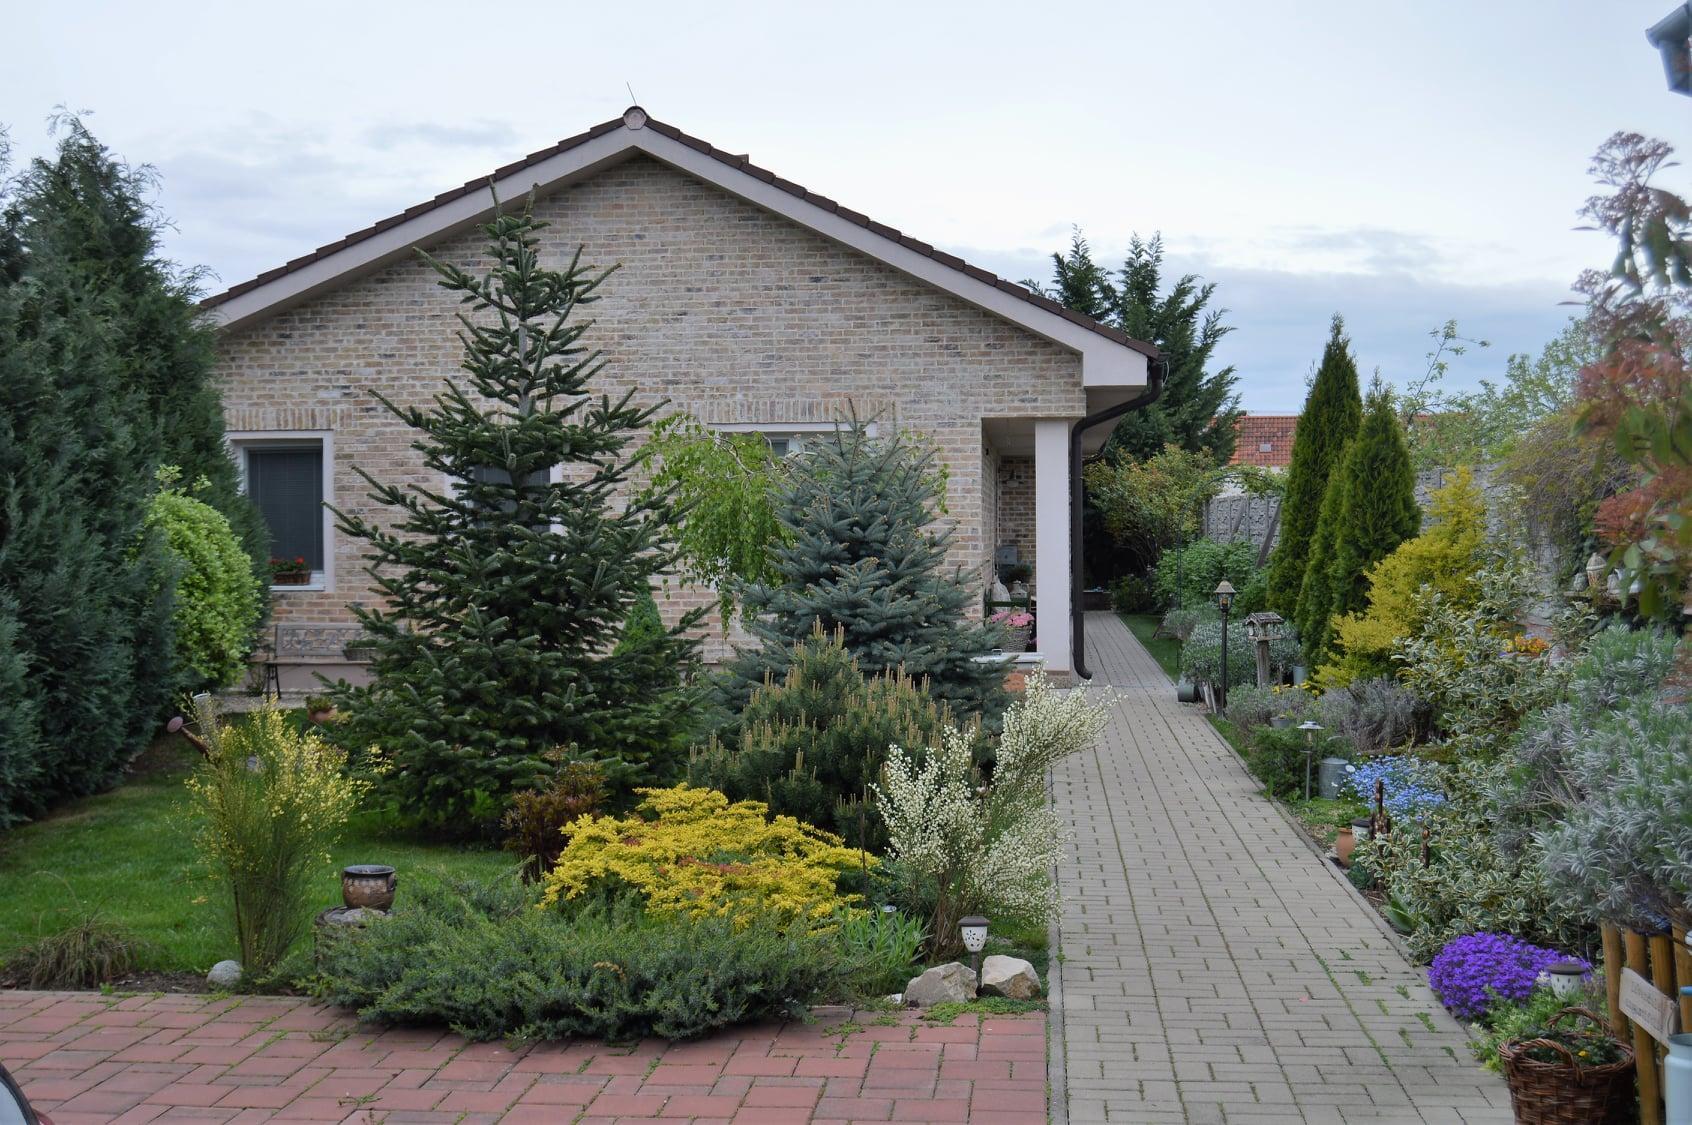 Záhrada a terasa 2021 - Obrázok č. 17